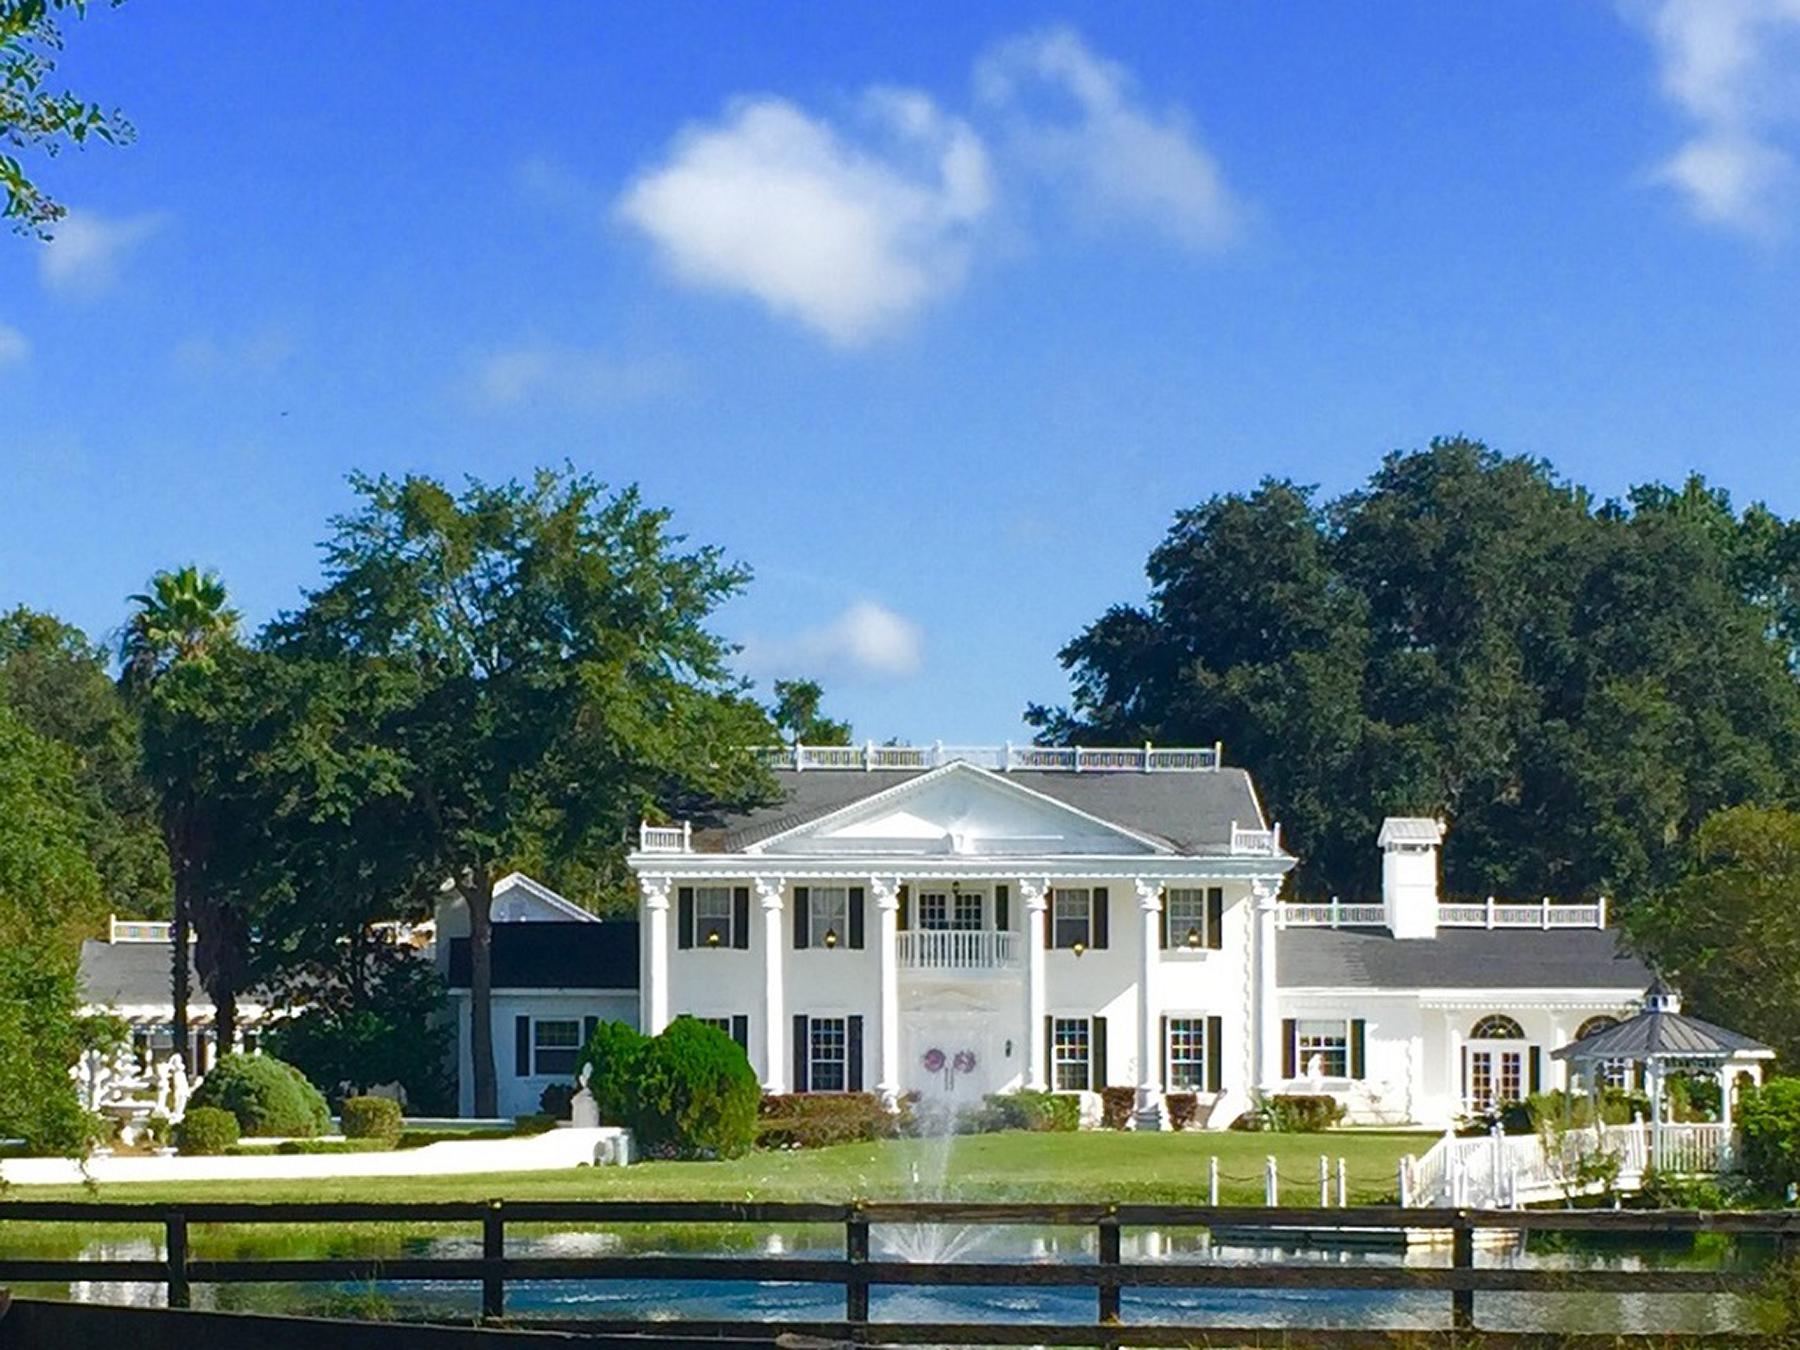 Villa per Vendita alle ore OCALA - REDDICK 8025 120th St Reddick, Florida, 32686 Stati Uniti